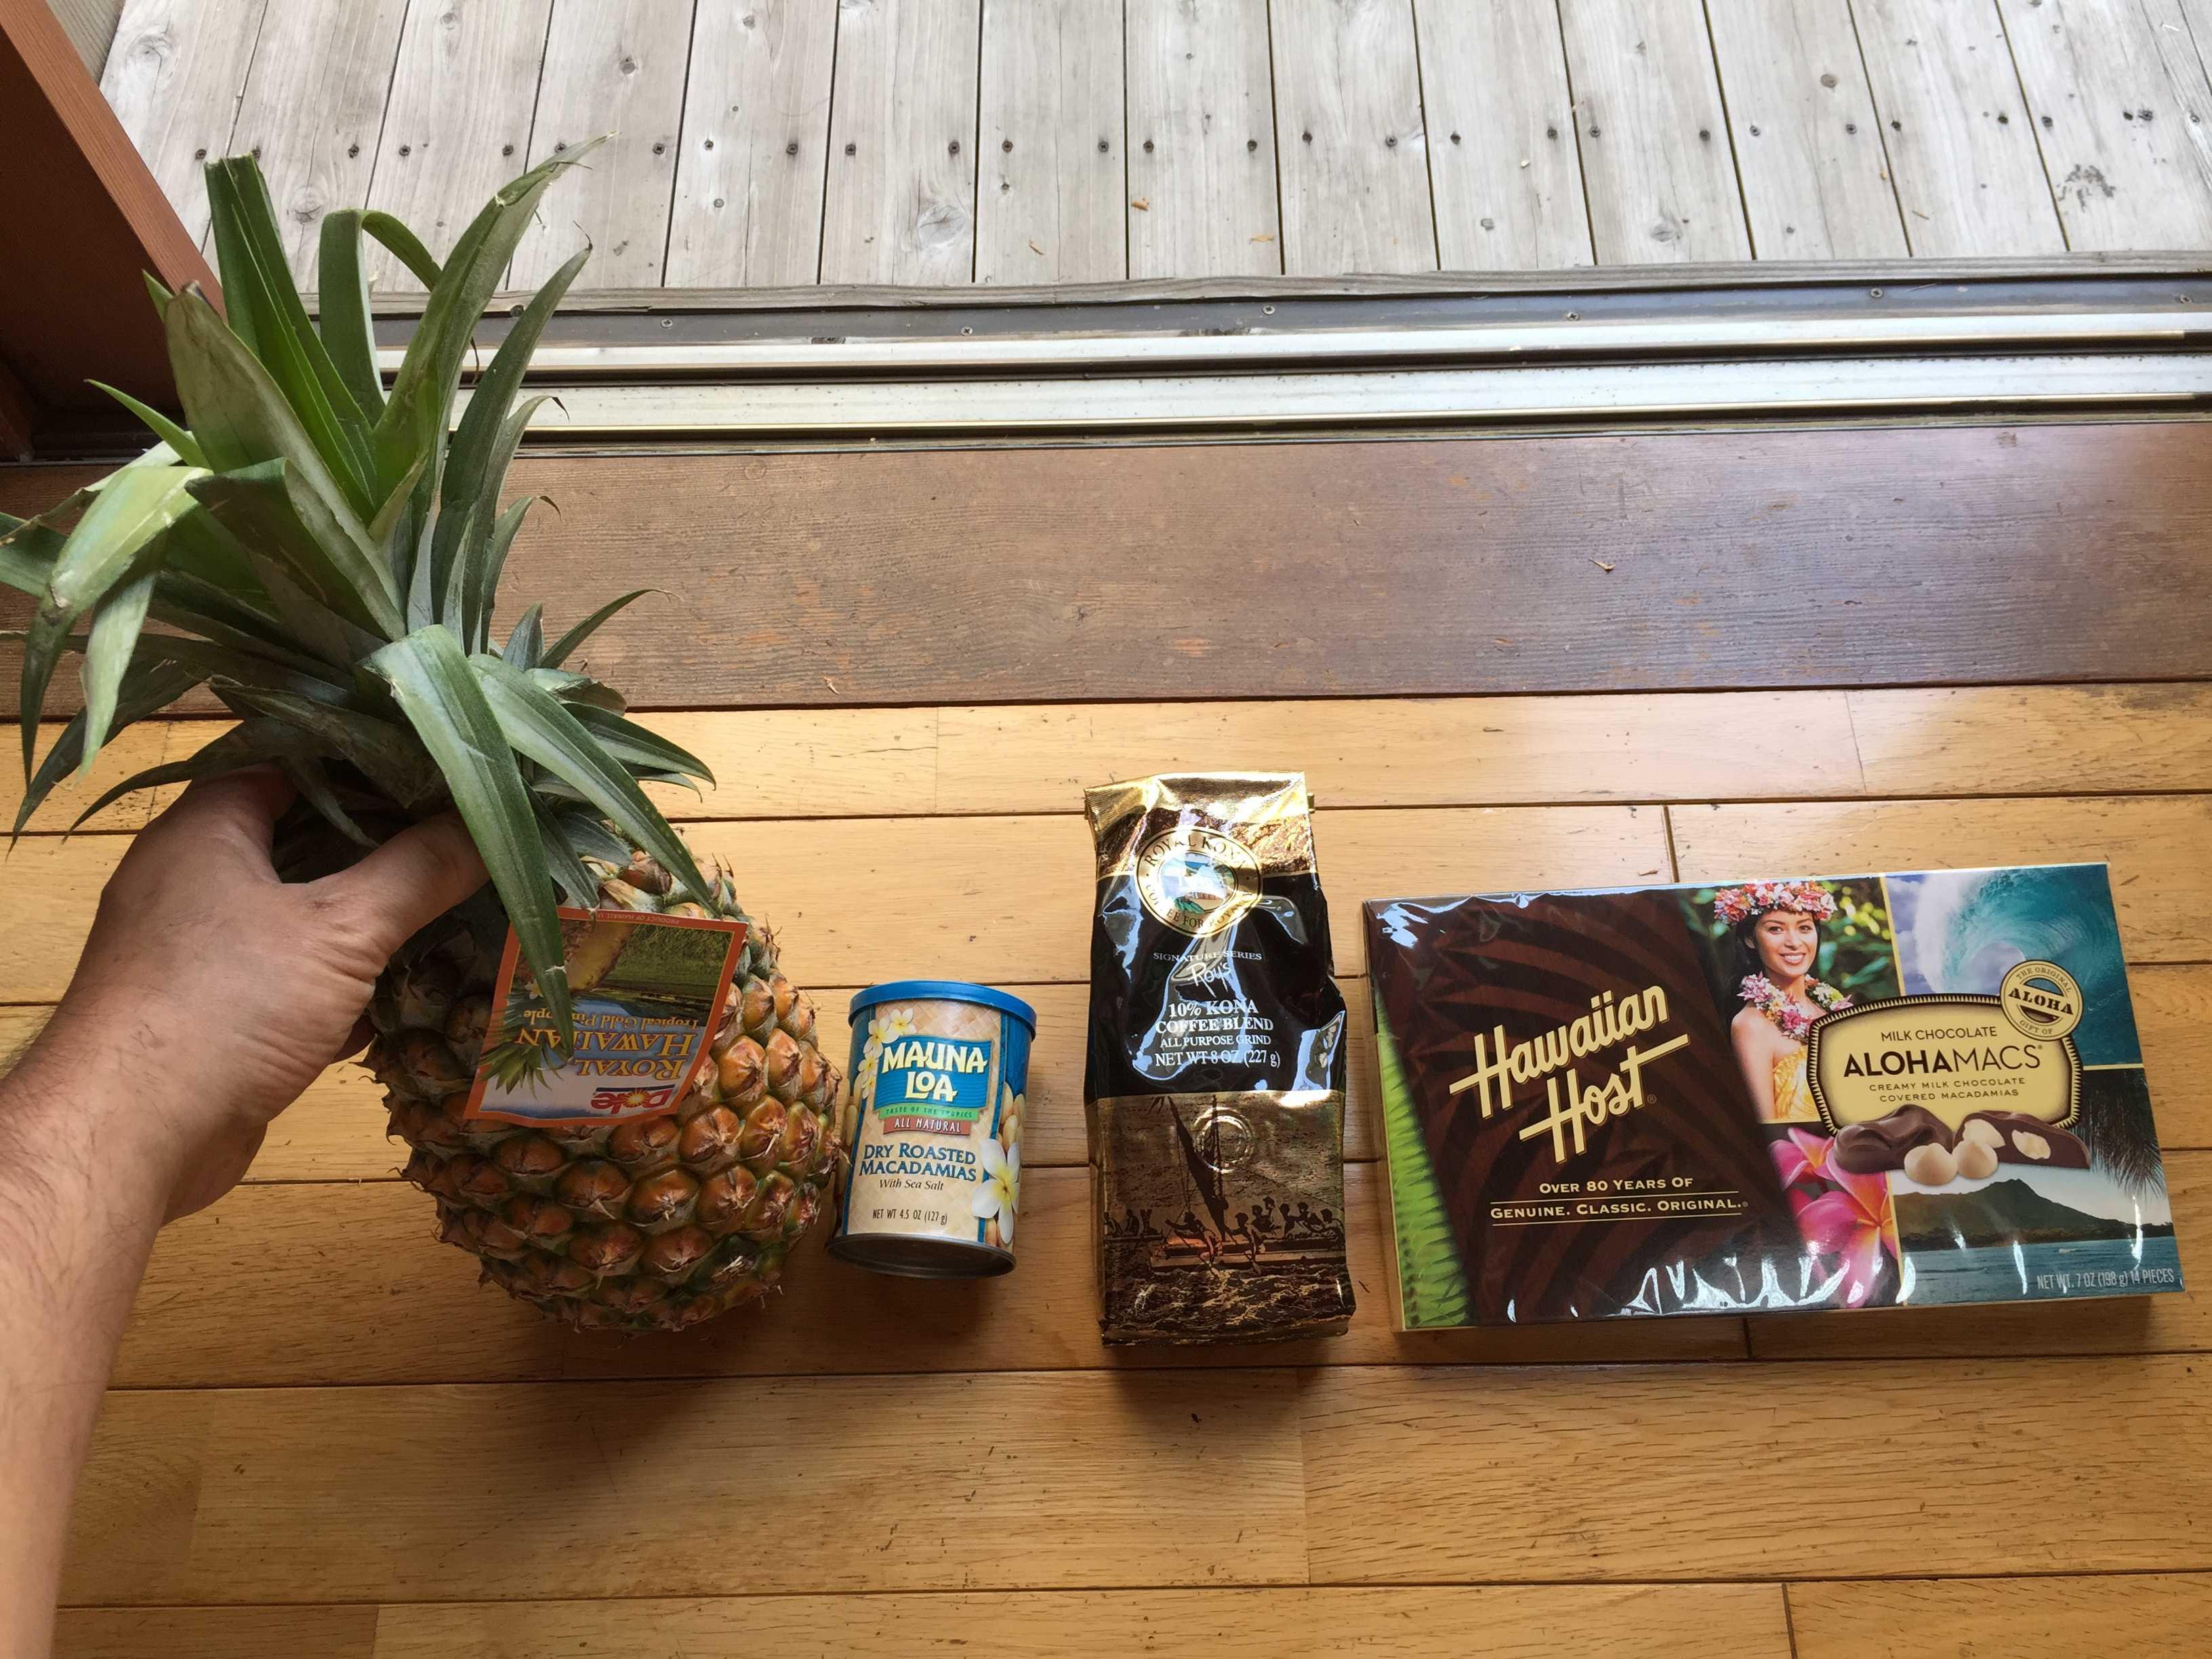 ハワイ土産: パイナップル、マウナロア マカデミアナッツ、ロイヤルコナコーヒー、ハワイアンホースト